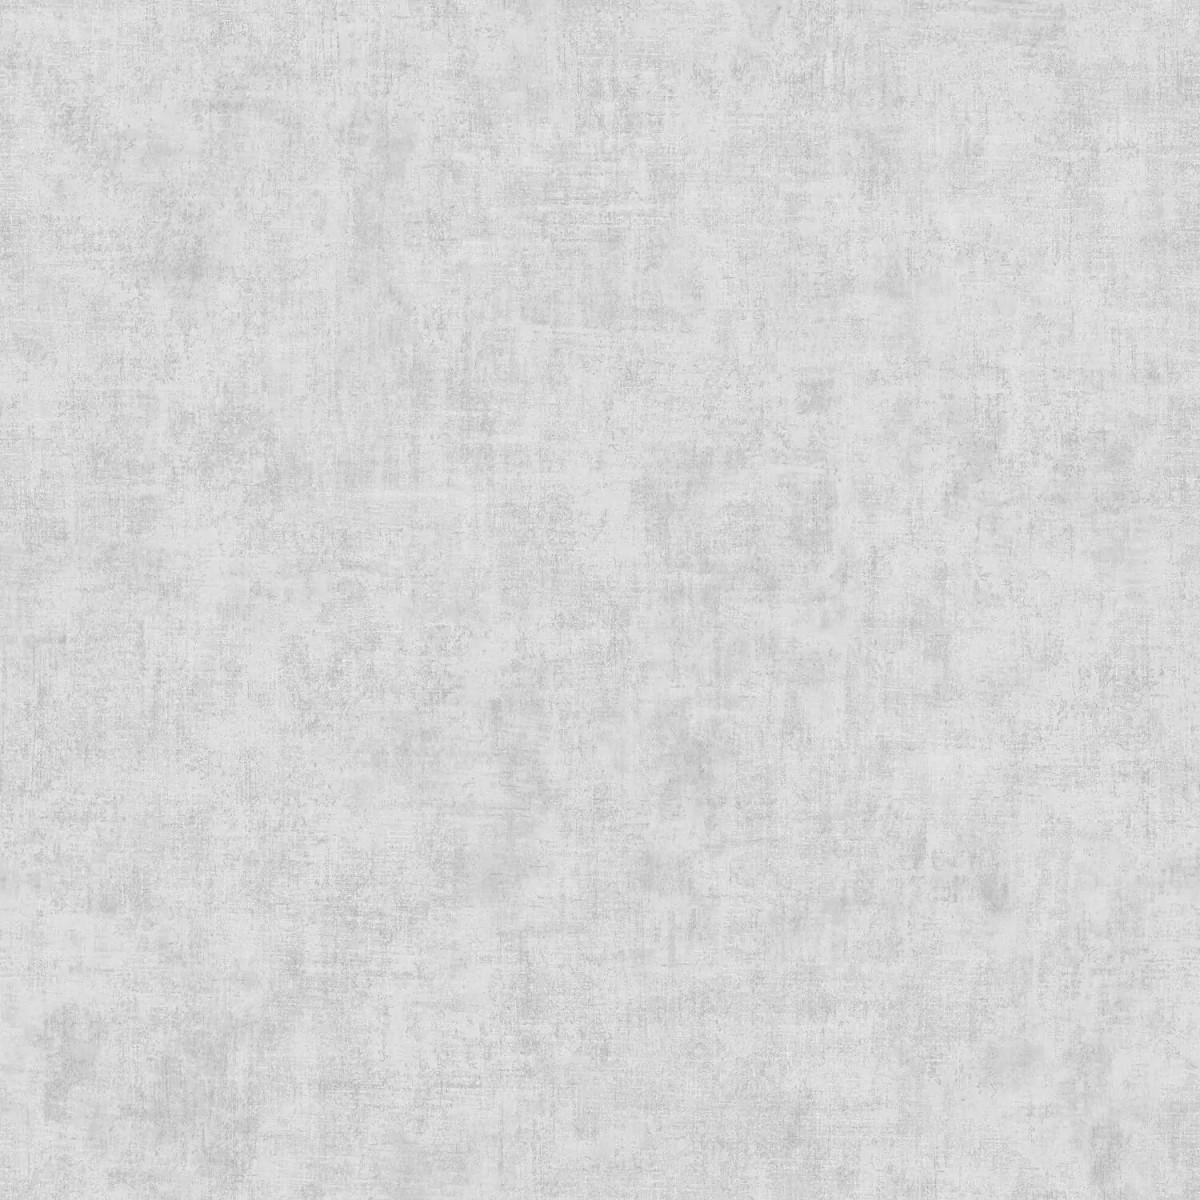 Обои флизелиновые Decoprint Sherazade SH20006 серые 0.53 м